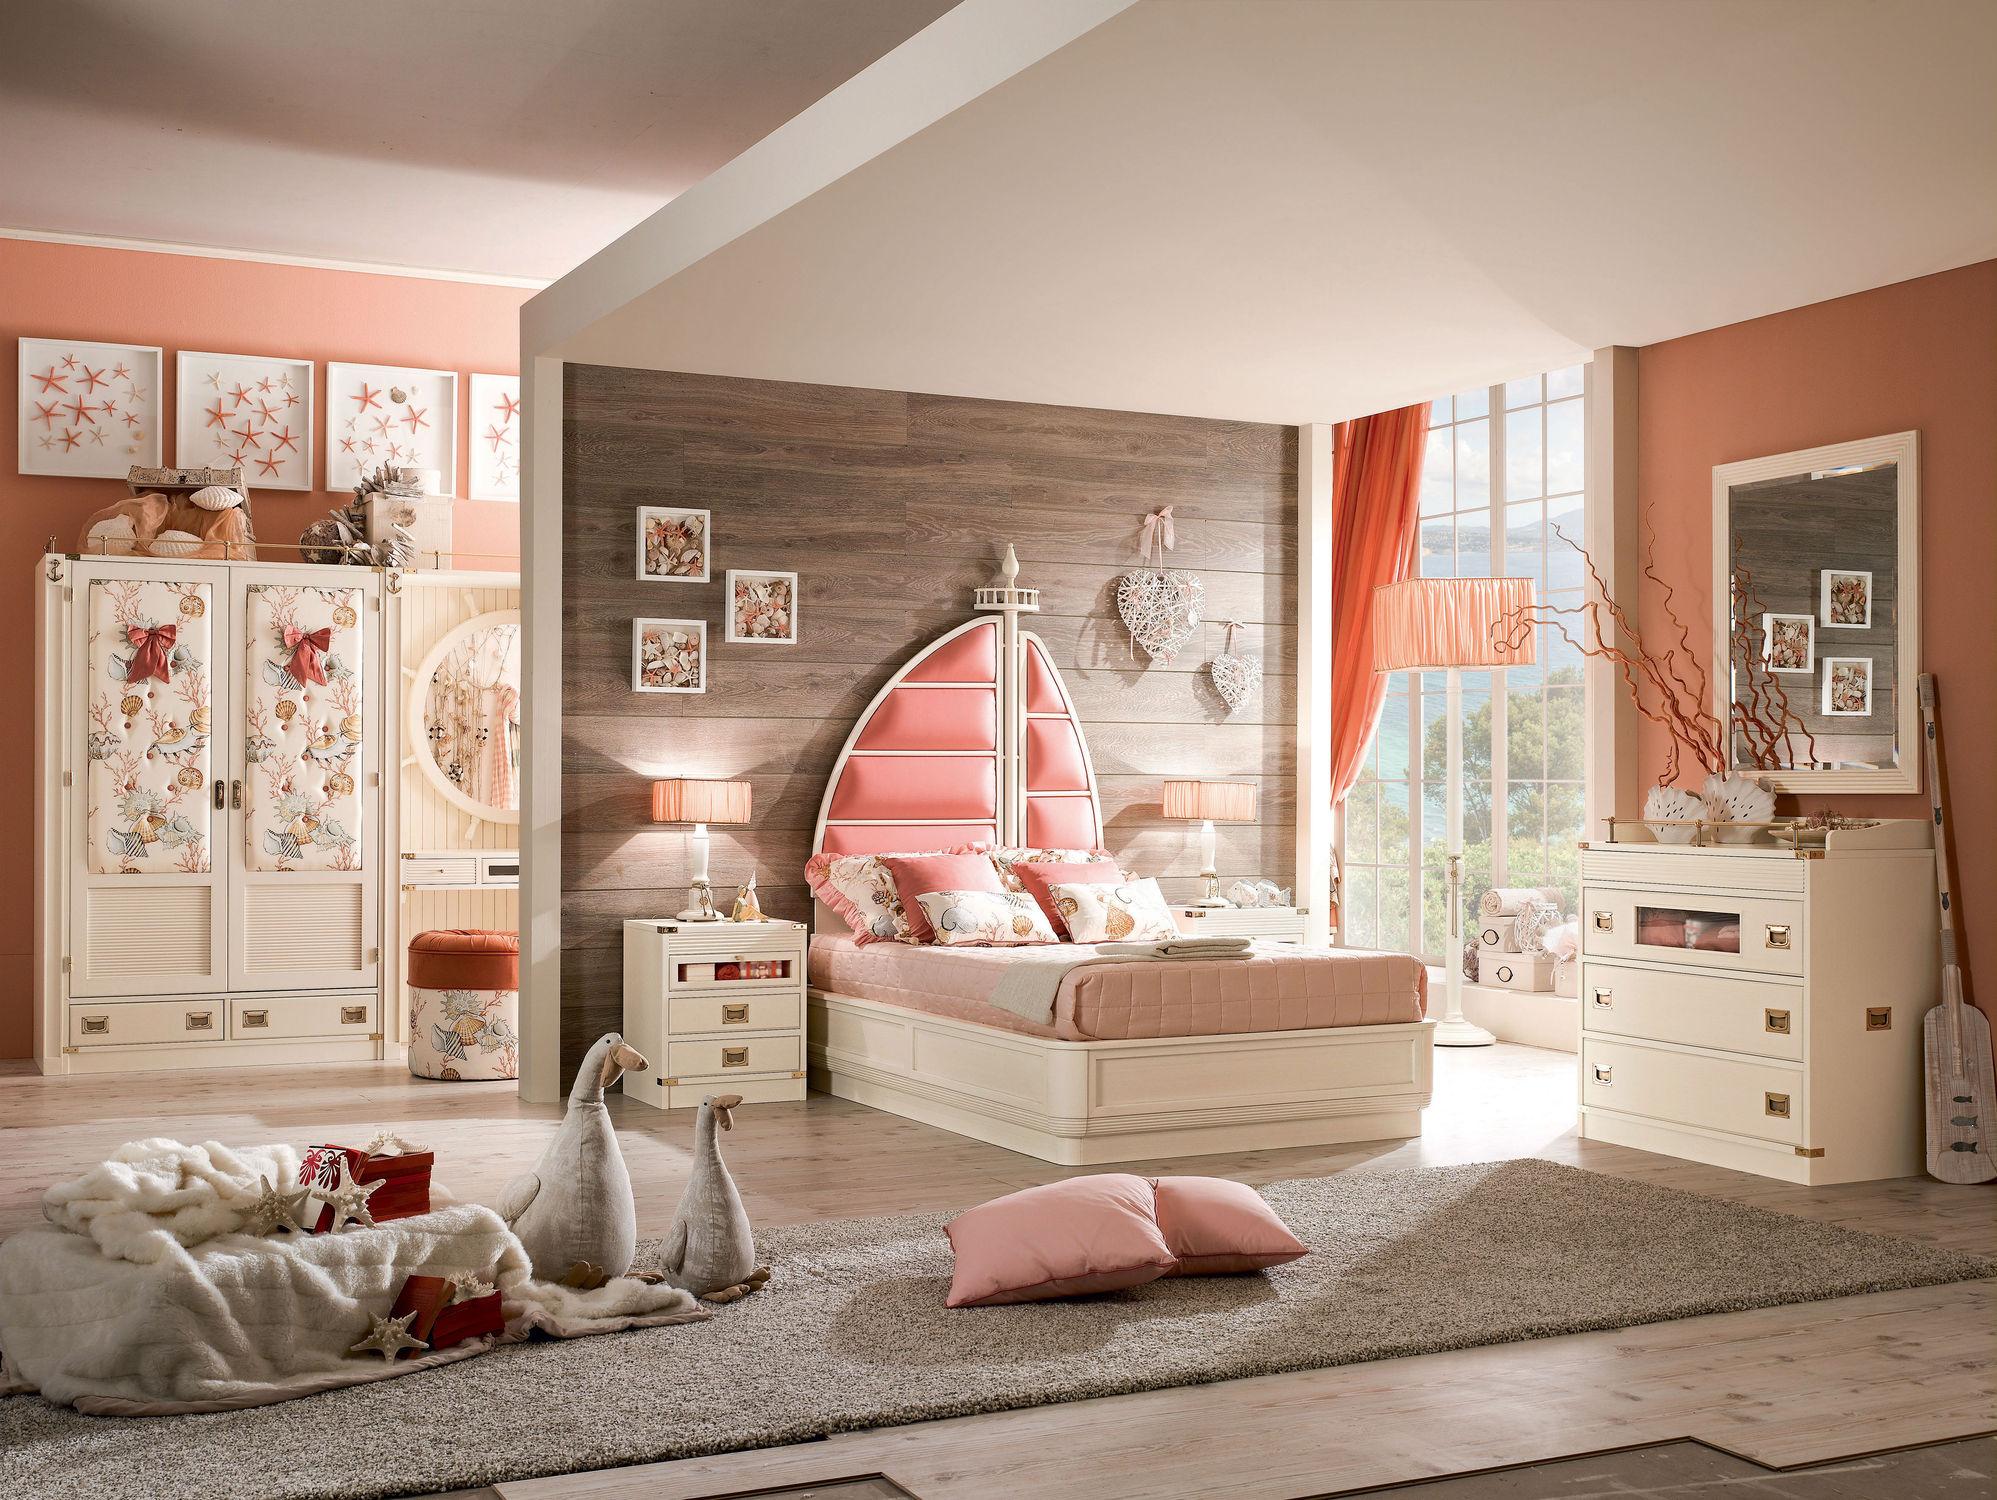 Chambre d'enfant pour fille   215   ariel   caroti